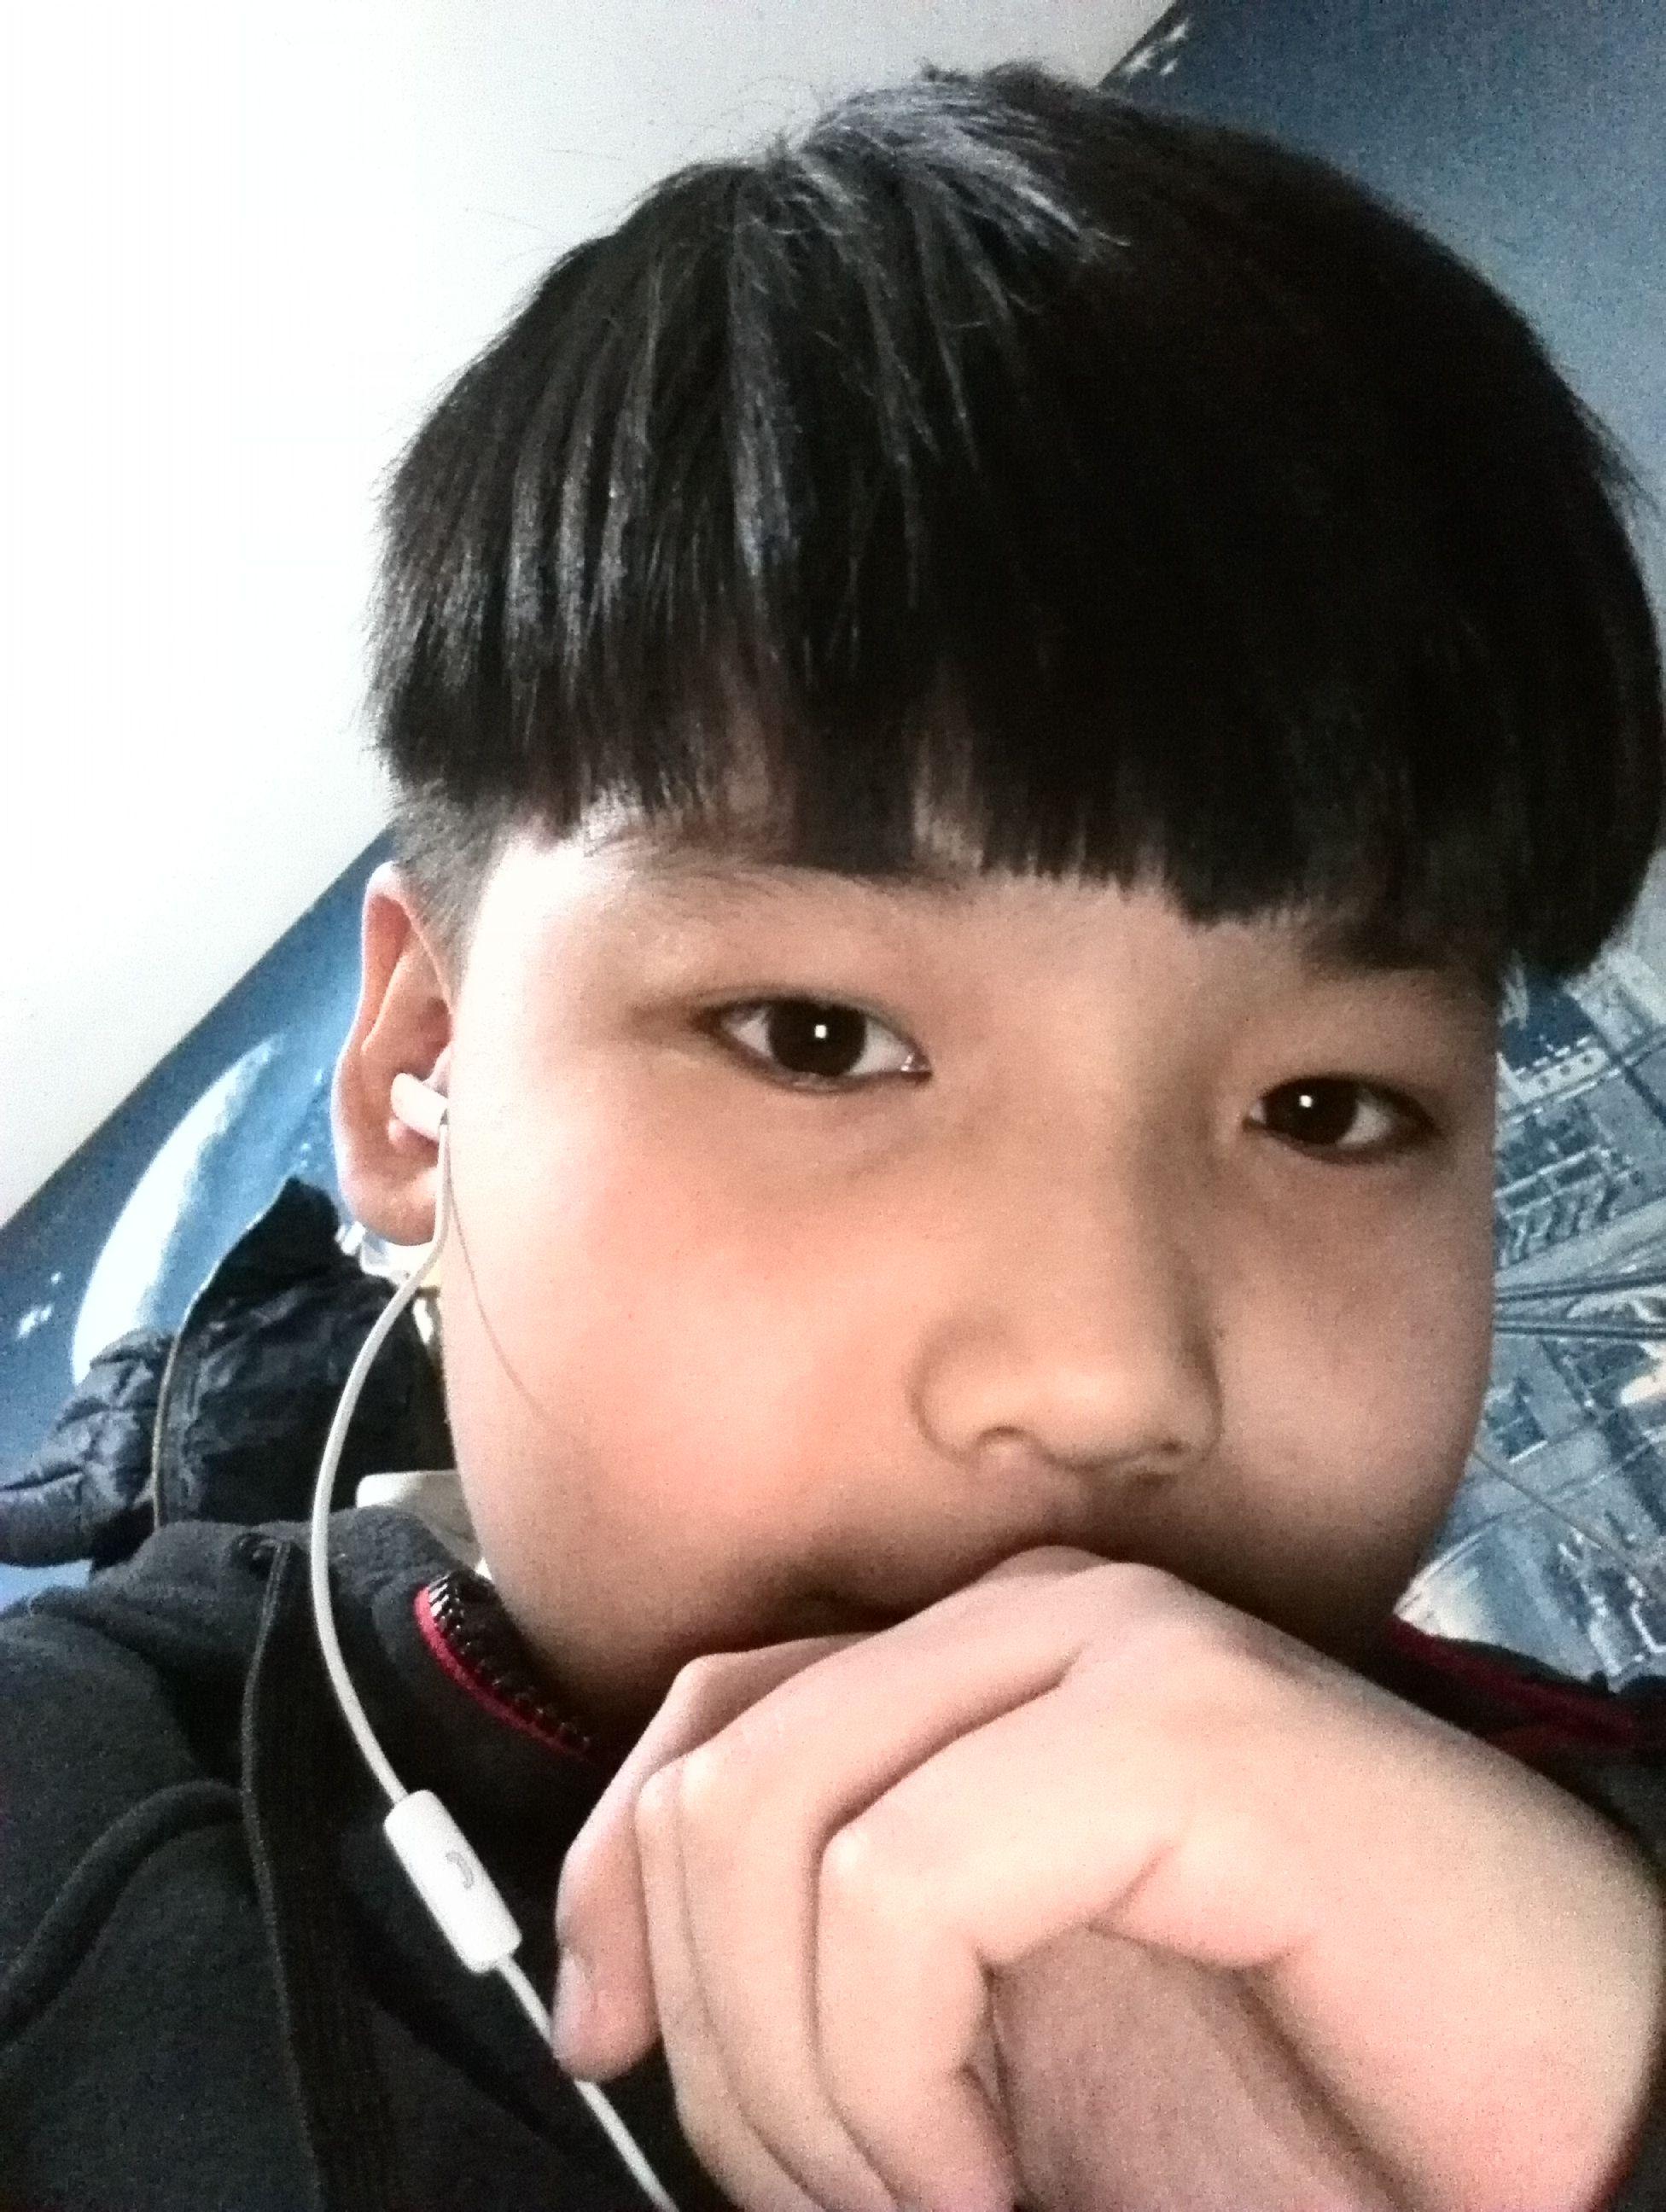 十岁小男孩为什么会长白头发图片